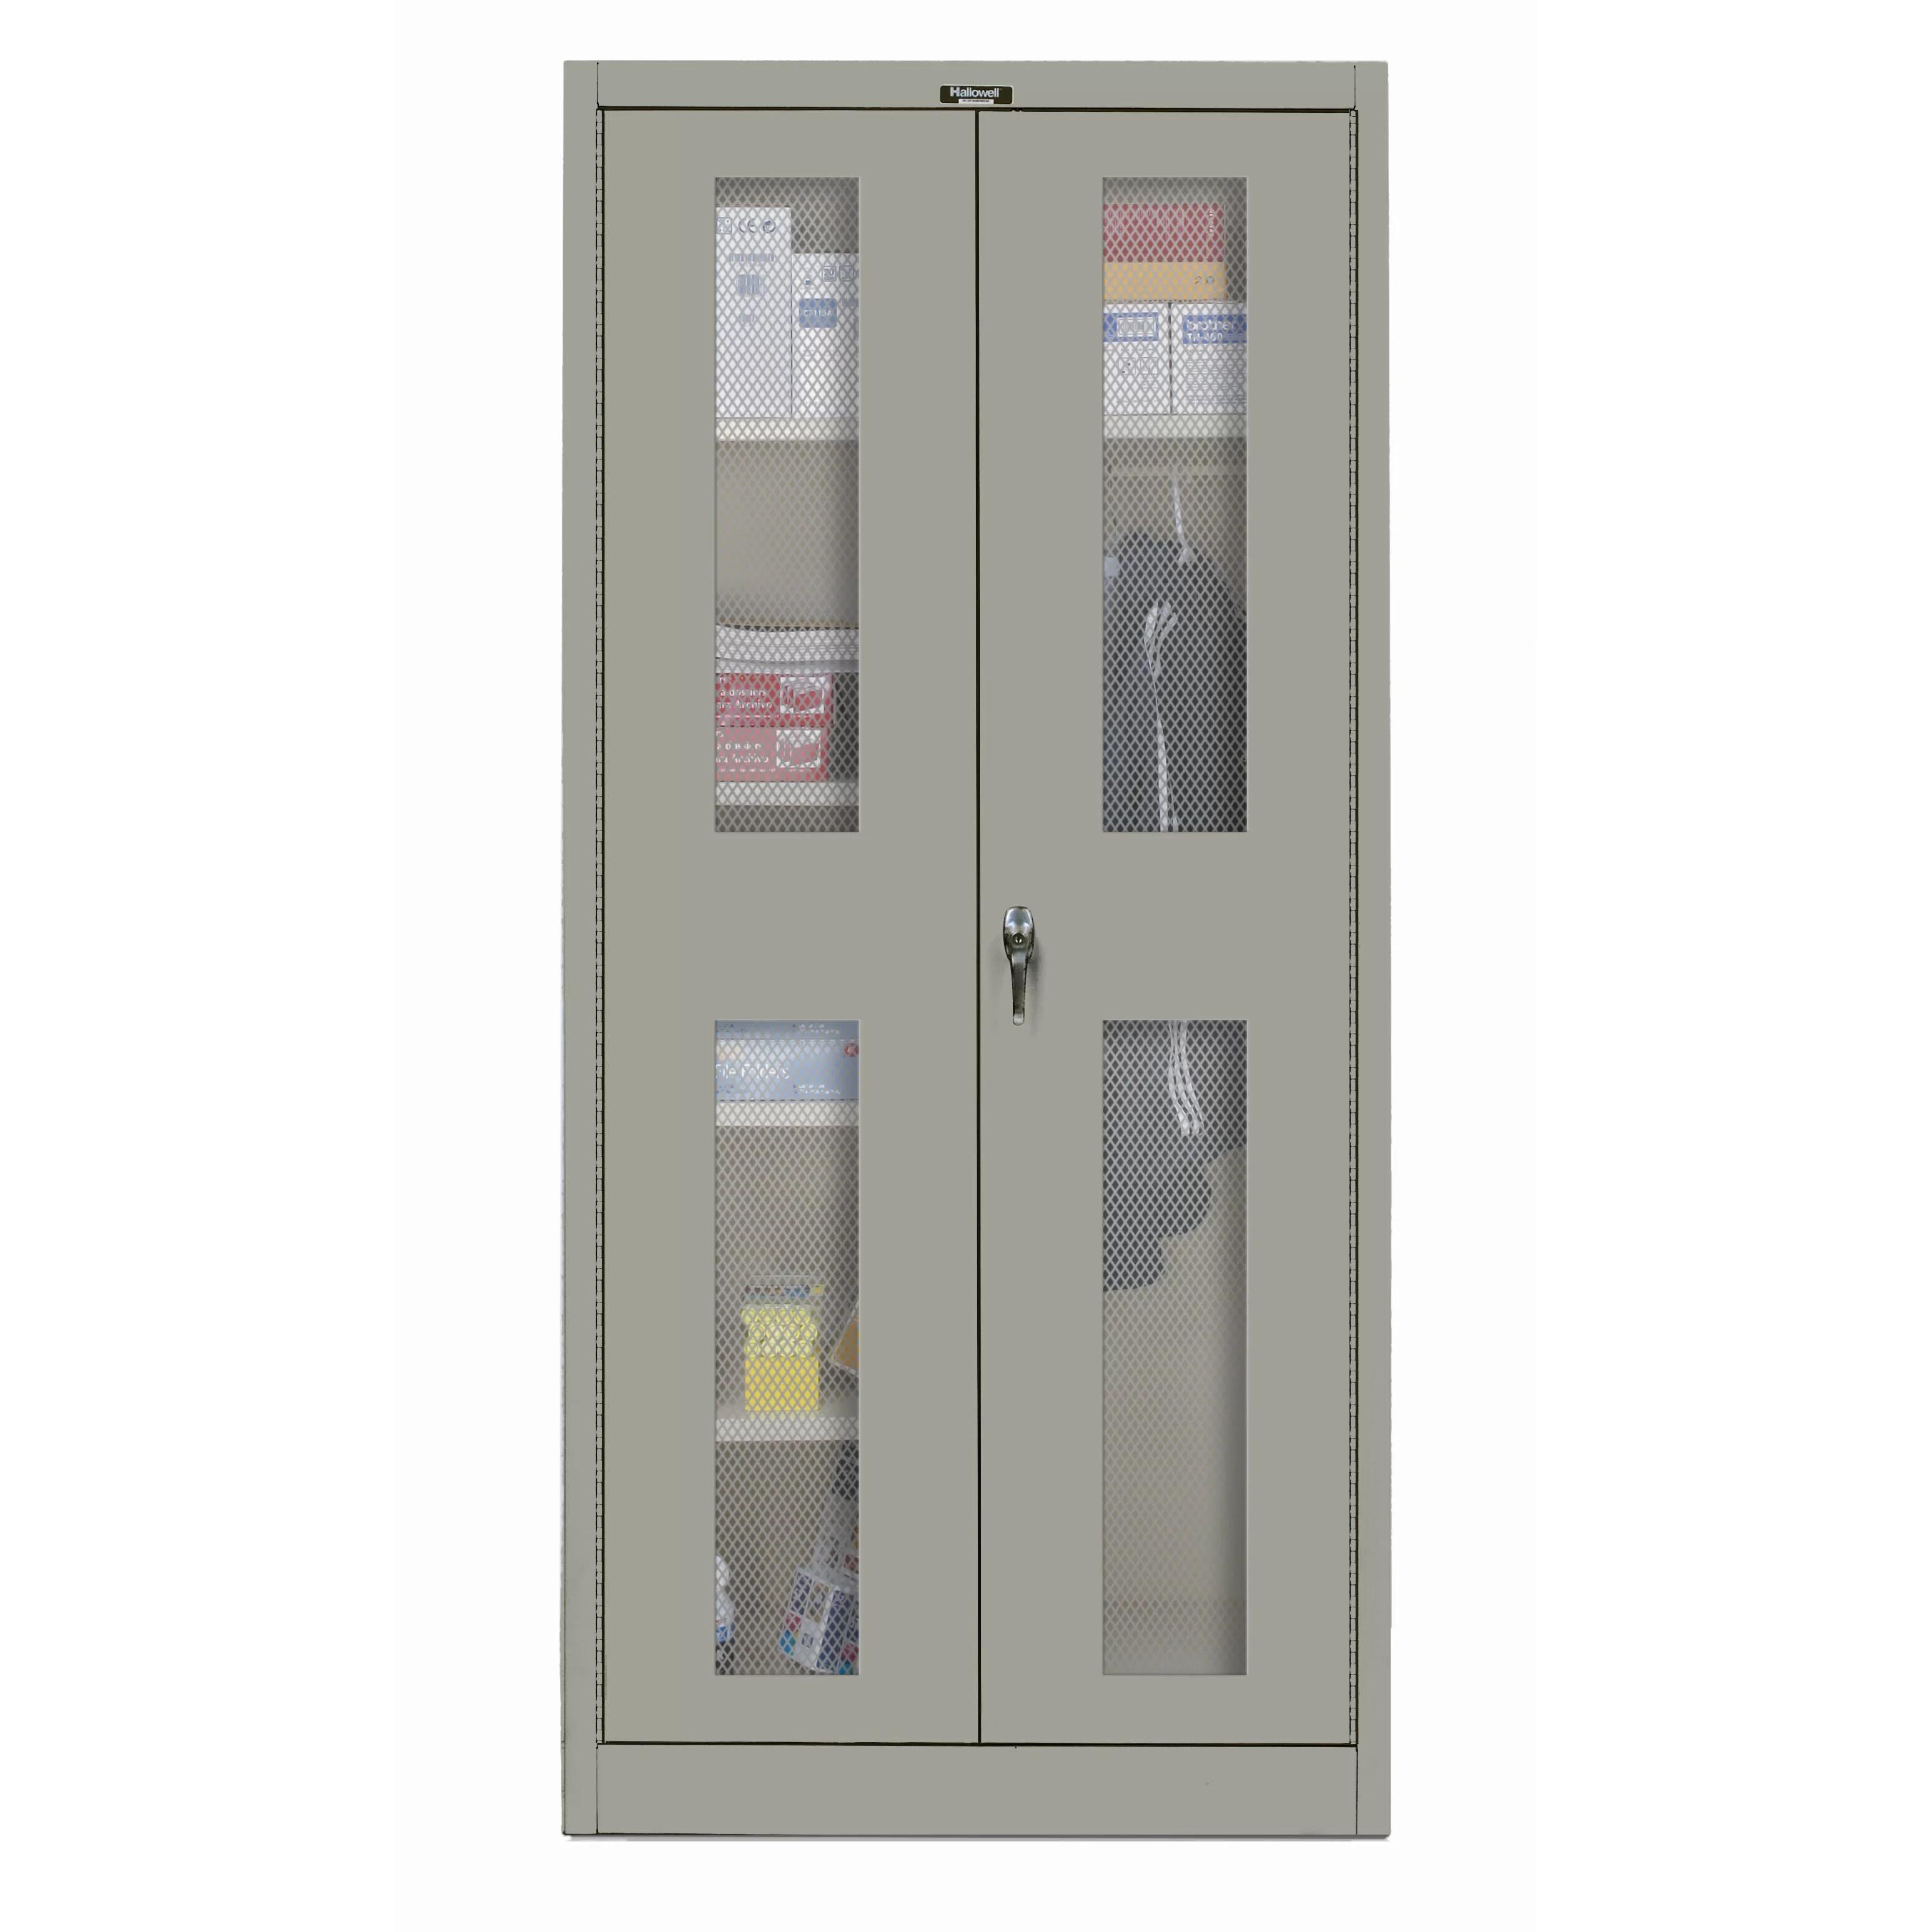 Hallowell 400 Series 72H X 48W X 24D Storage Cabinet